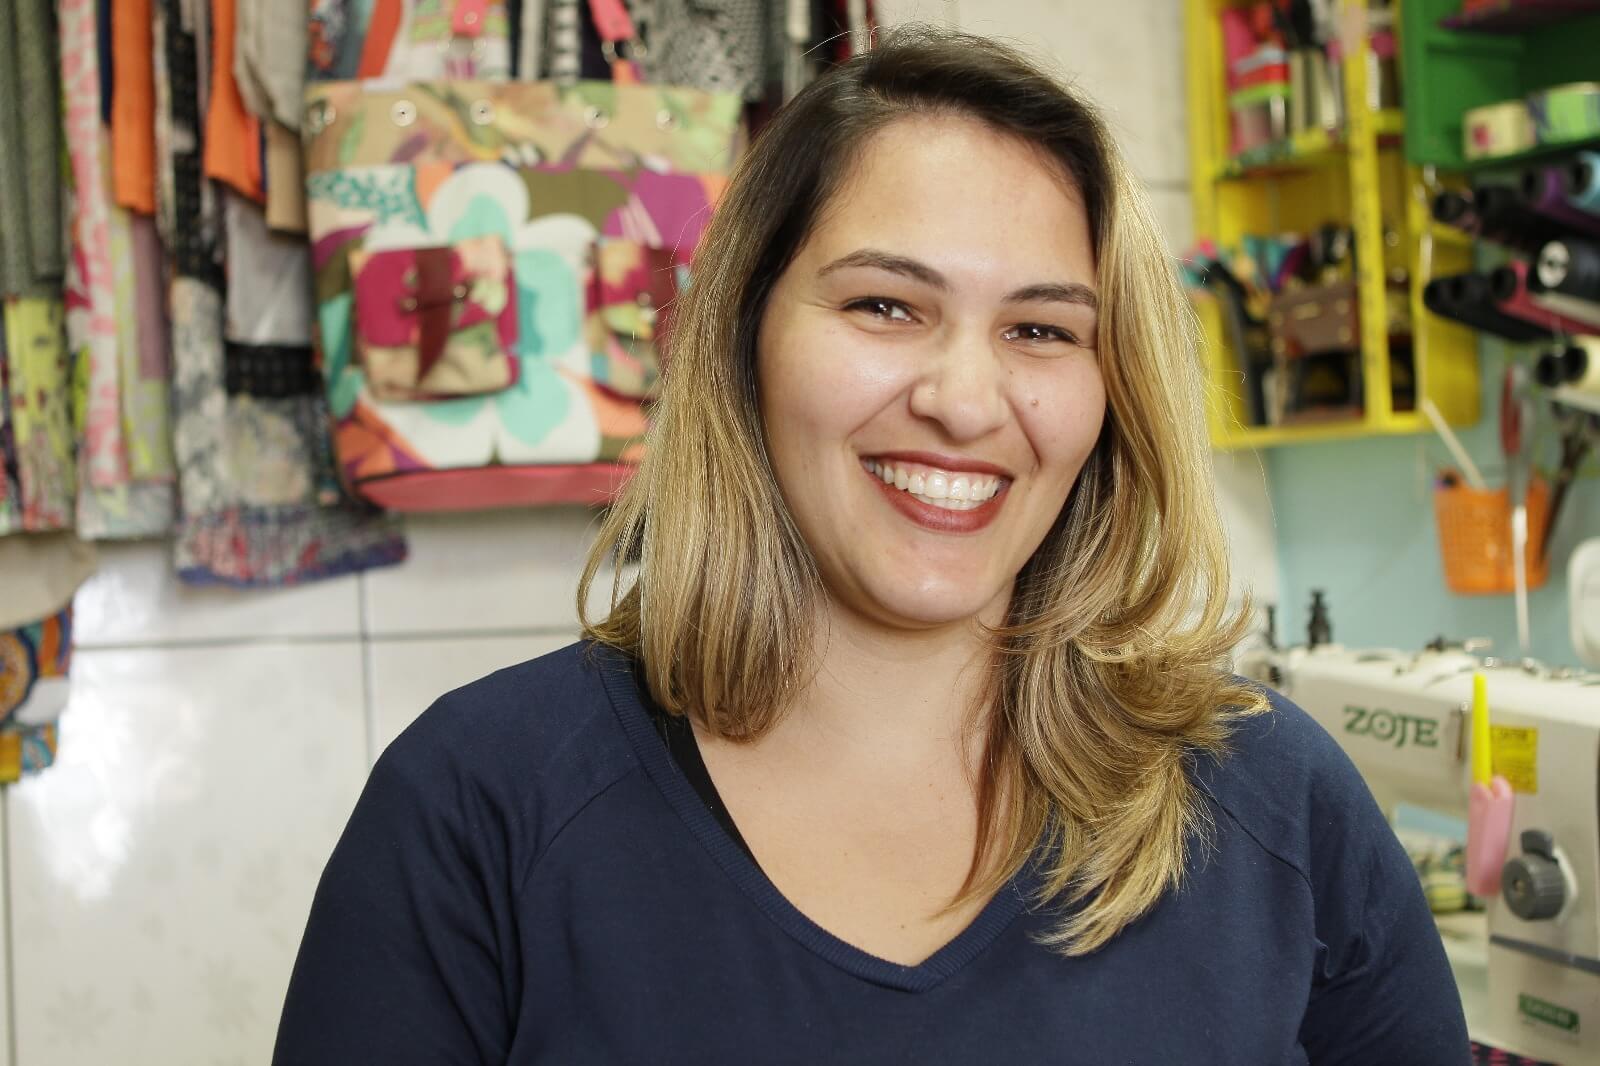 """Adriana Costa: """"Decidi empreender porque sentia que precisava viver de verdade"""""""